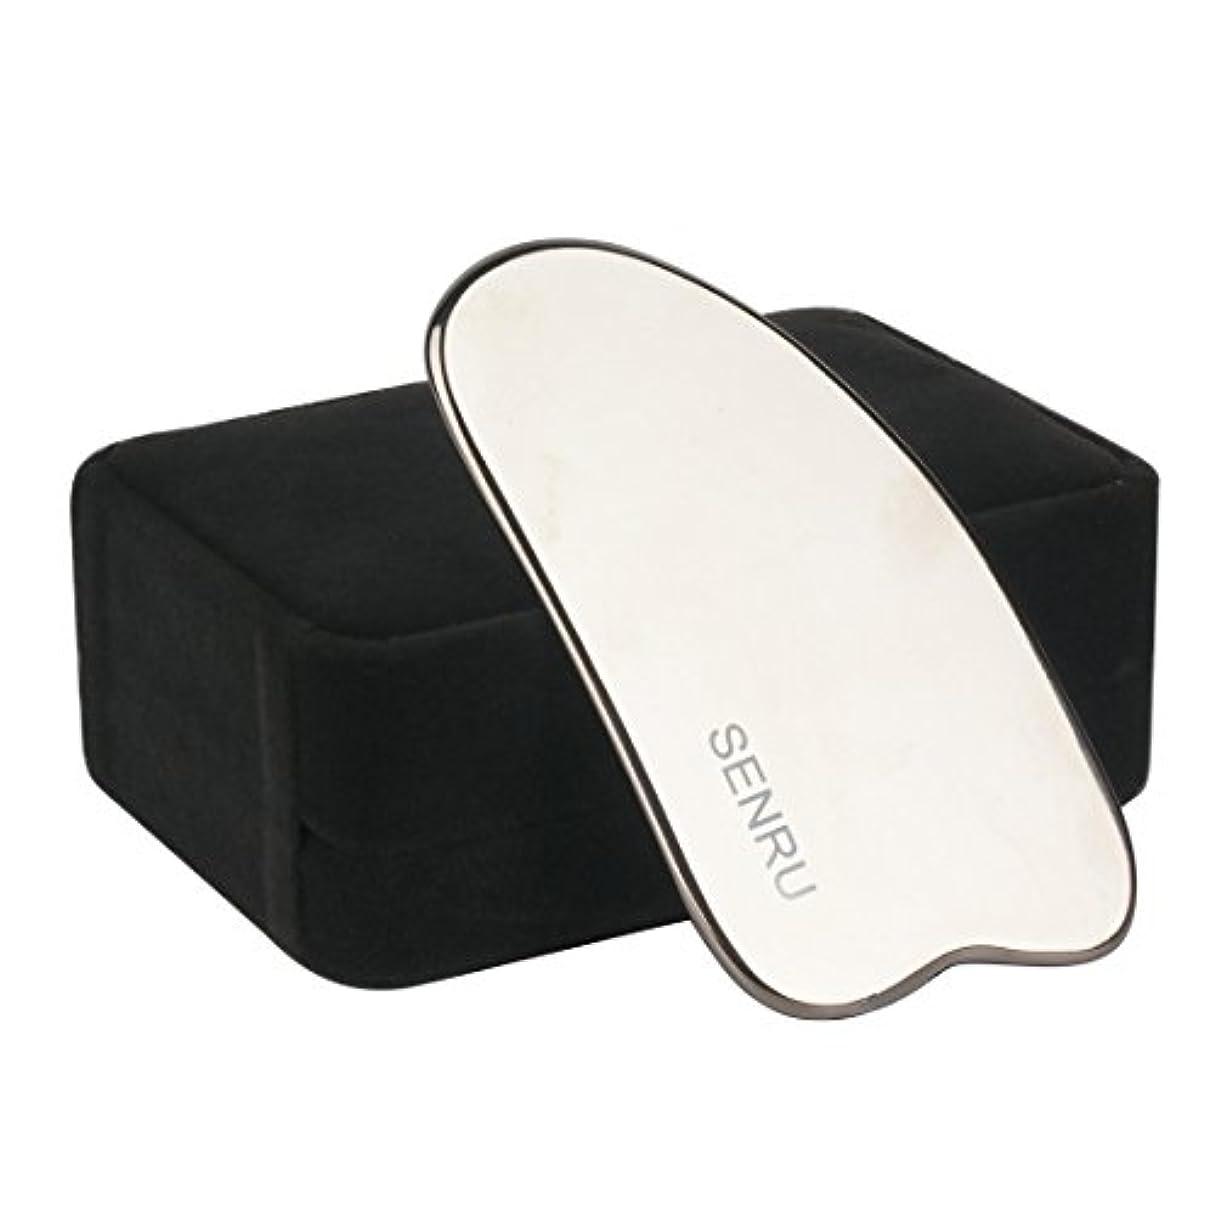 超音速雑品秋SENRU チタン カッサプレート かっさマッサージ 刮痧 リンパ解毒 全身血行促進 疲れやストレス緩和 専用ケース袋付き